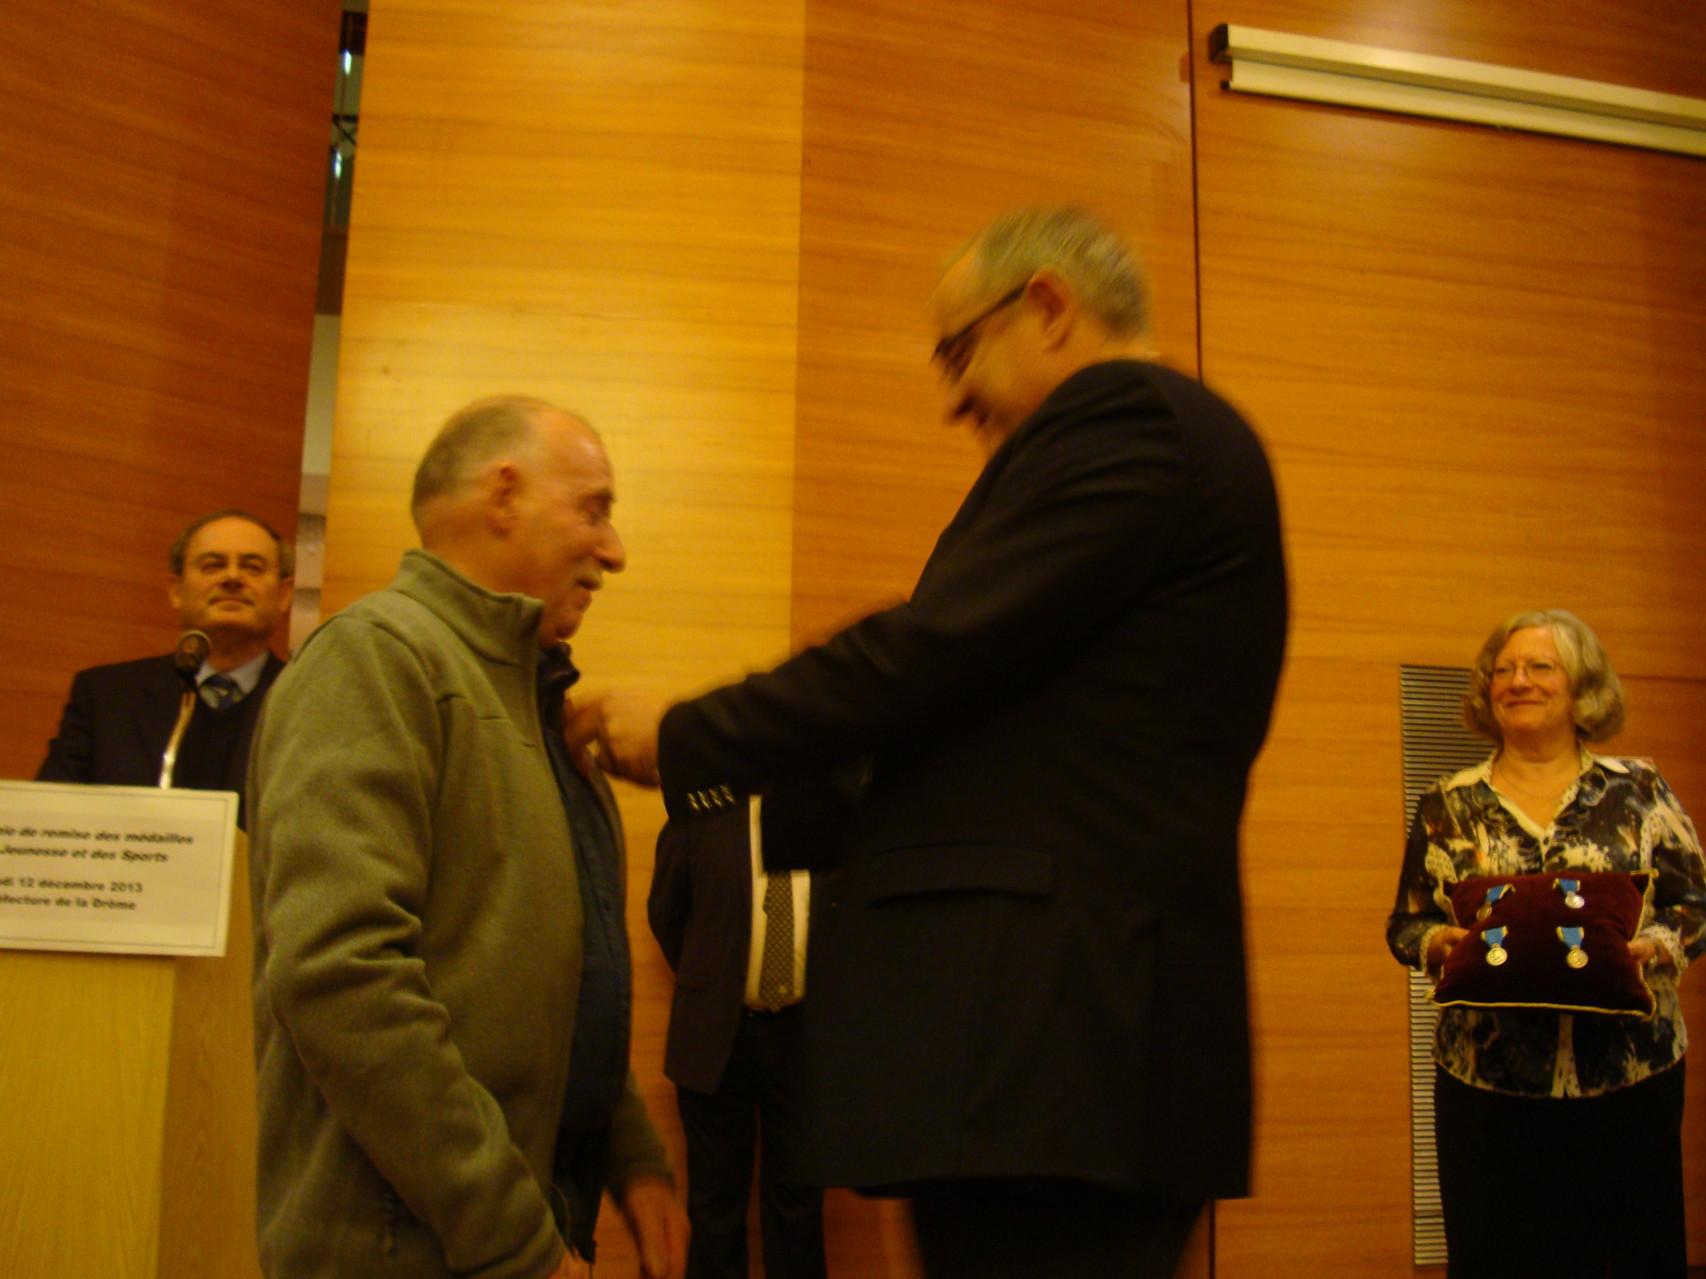 Pierre Pallesi reçoit la médaille d'argent de la Jeunesse et des sports